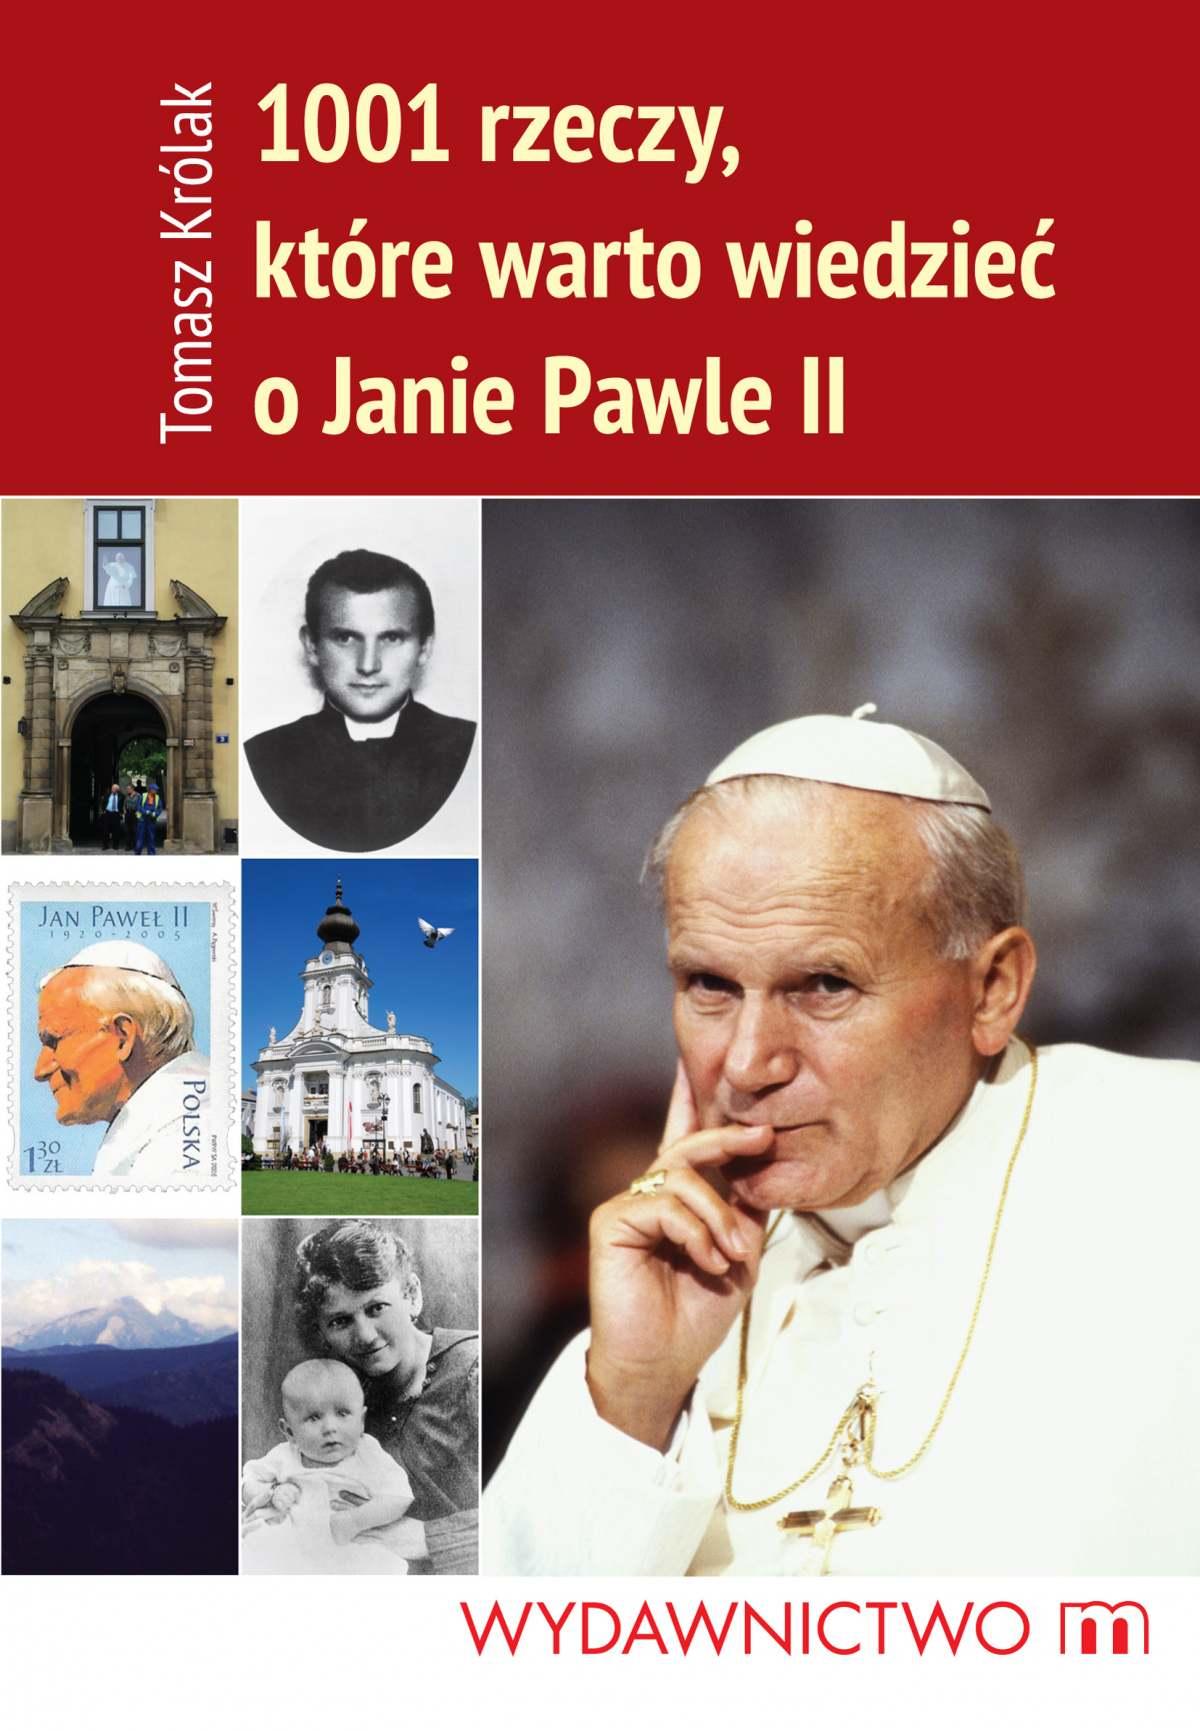 1001 rzeczy, które warto wiedzieć o Janie Pawle II - Ebook (Książka EPUB) do pobrania w formacie EPUB